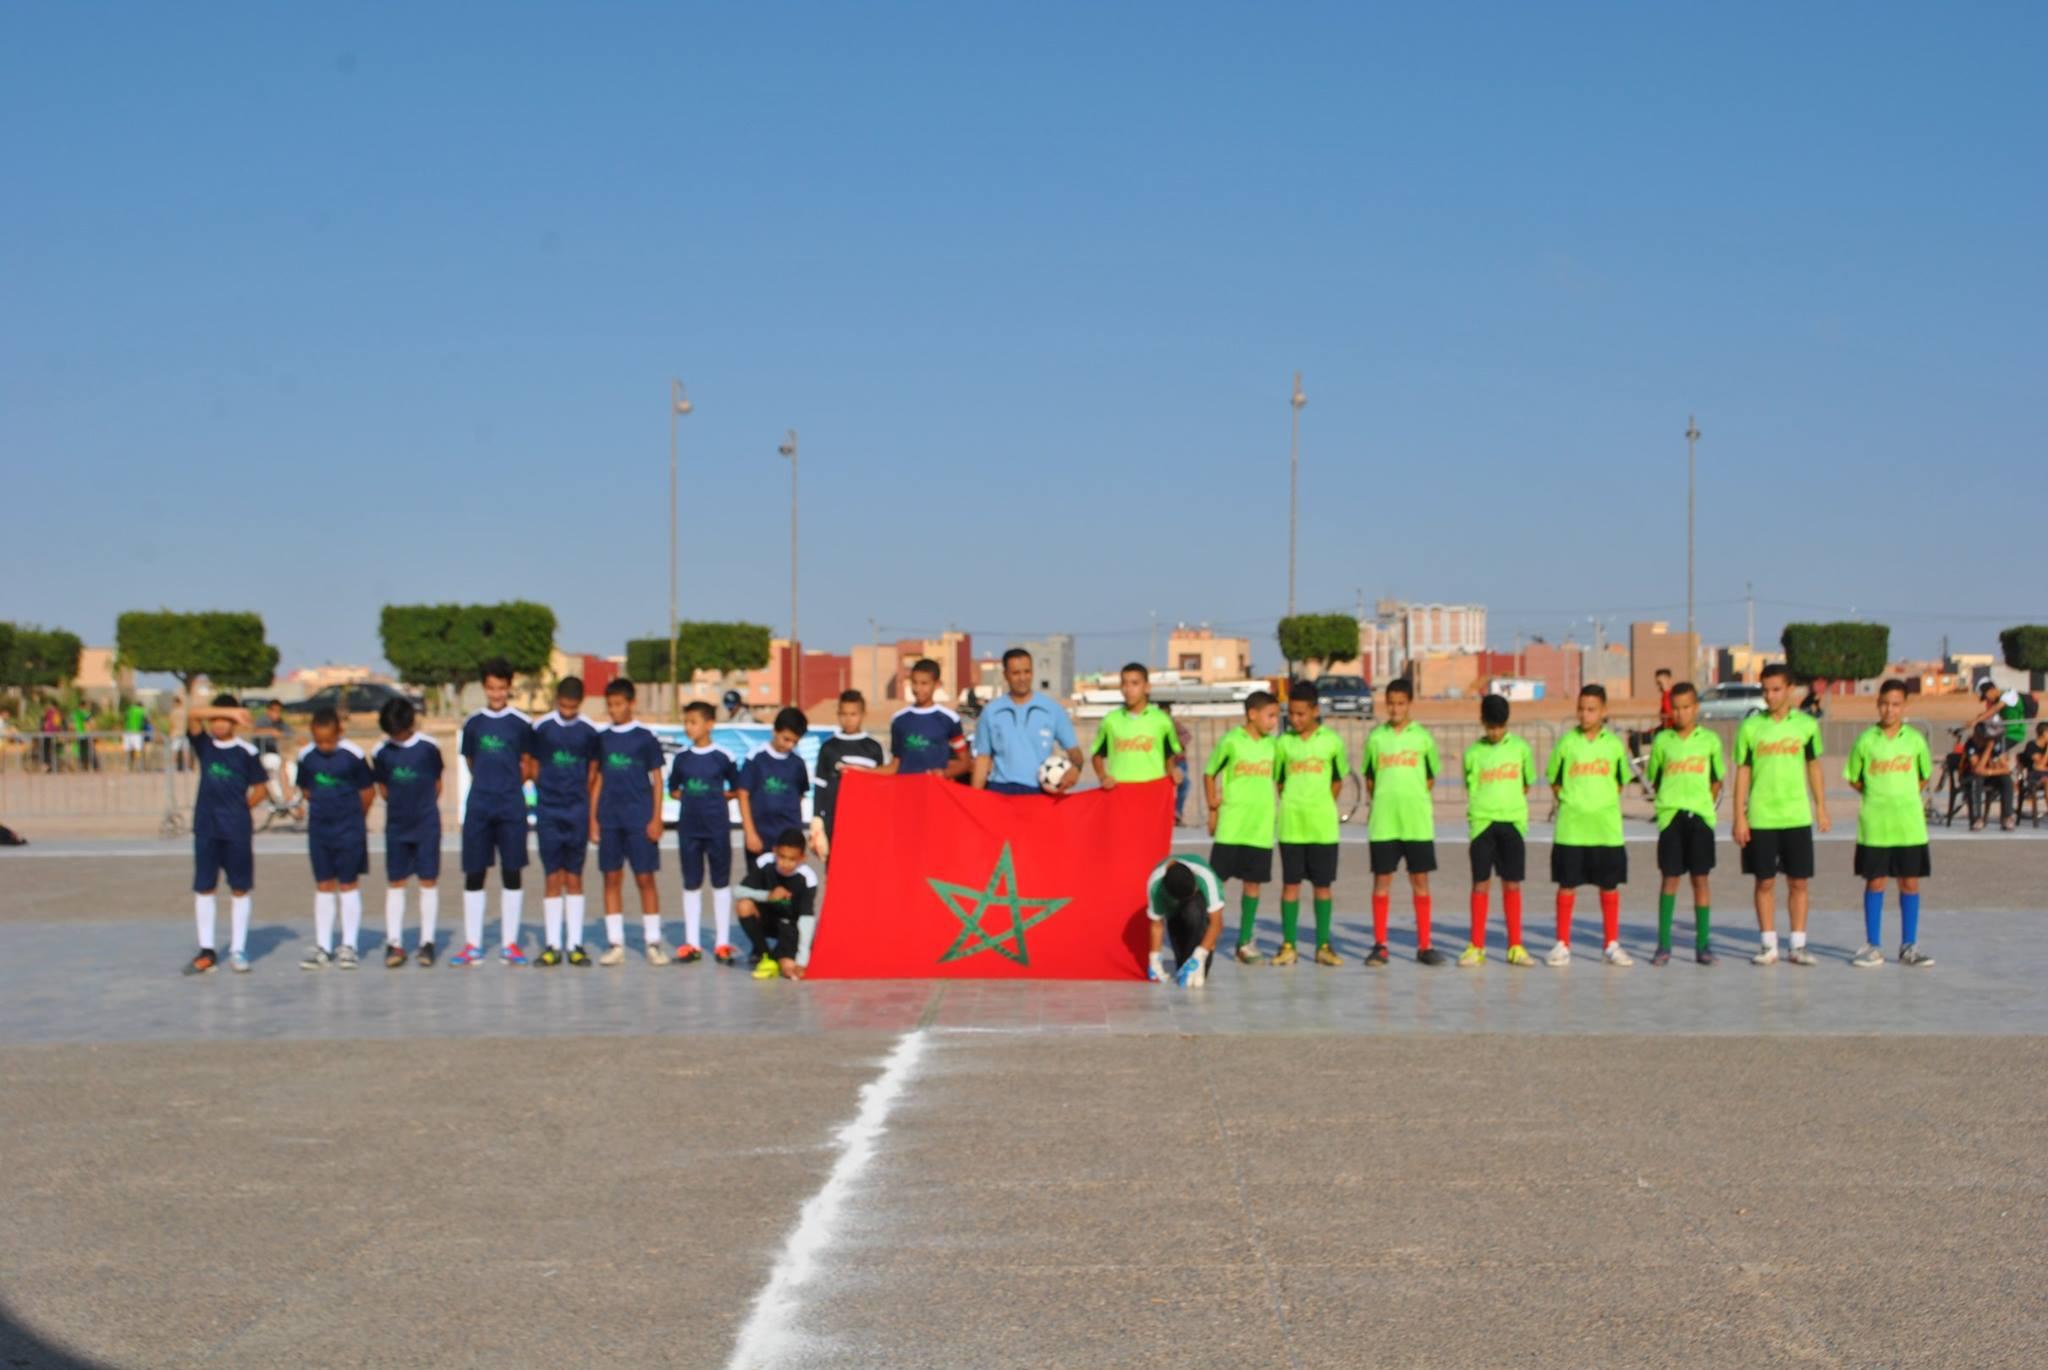 اسدال الستار على النسخة الثالثة لدوري الأجيال لكرة القدم المصغرة